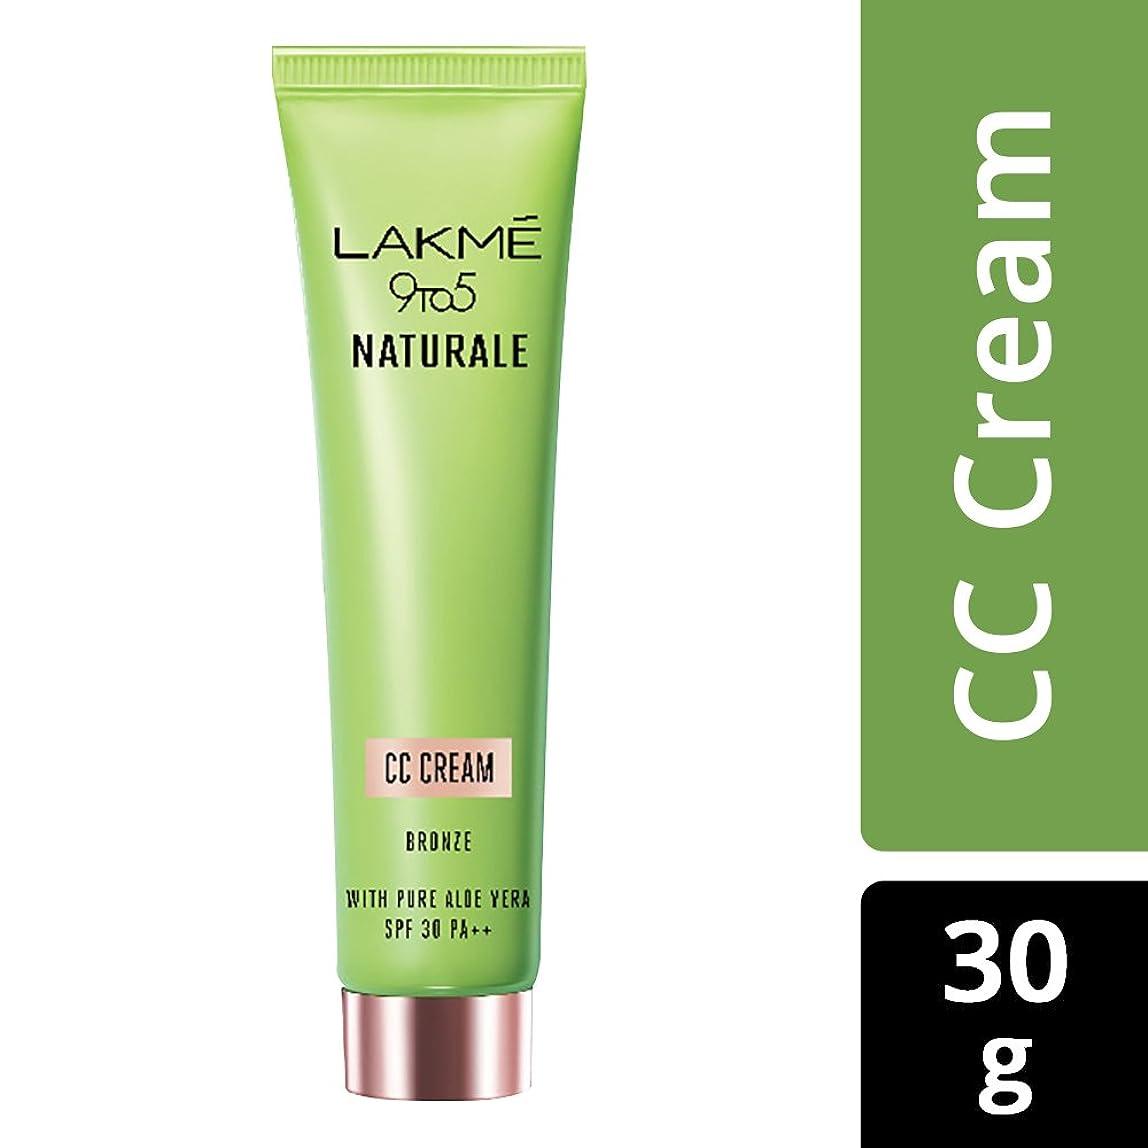 形式アーカイブマイクロLakme 9 to 5 Naturale CC Cream, Bronze, 30g